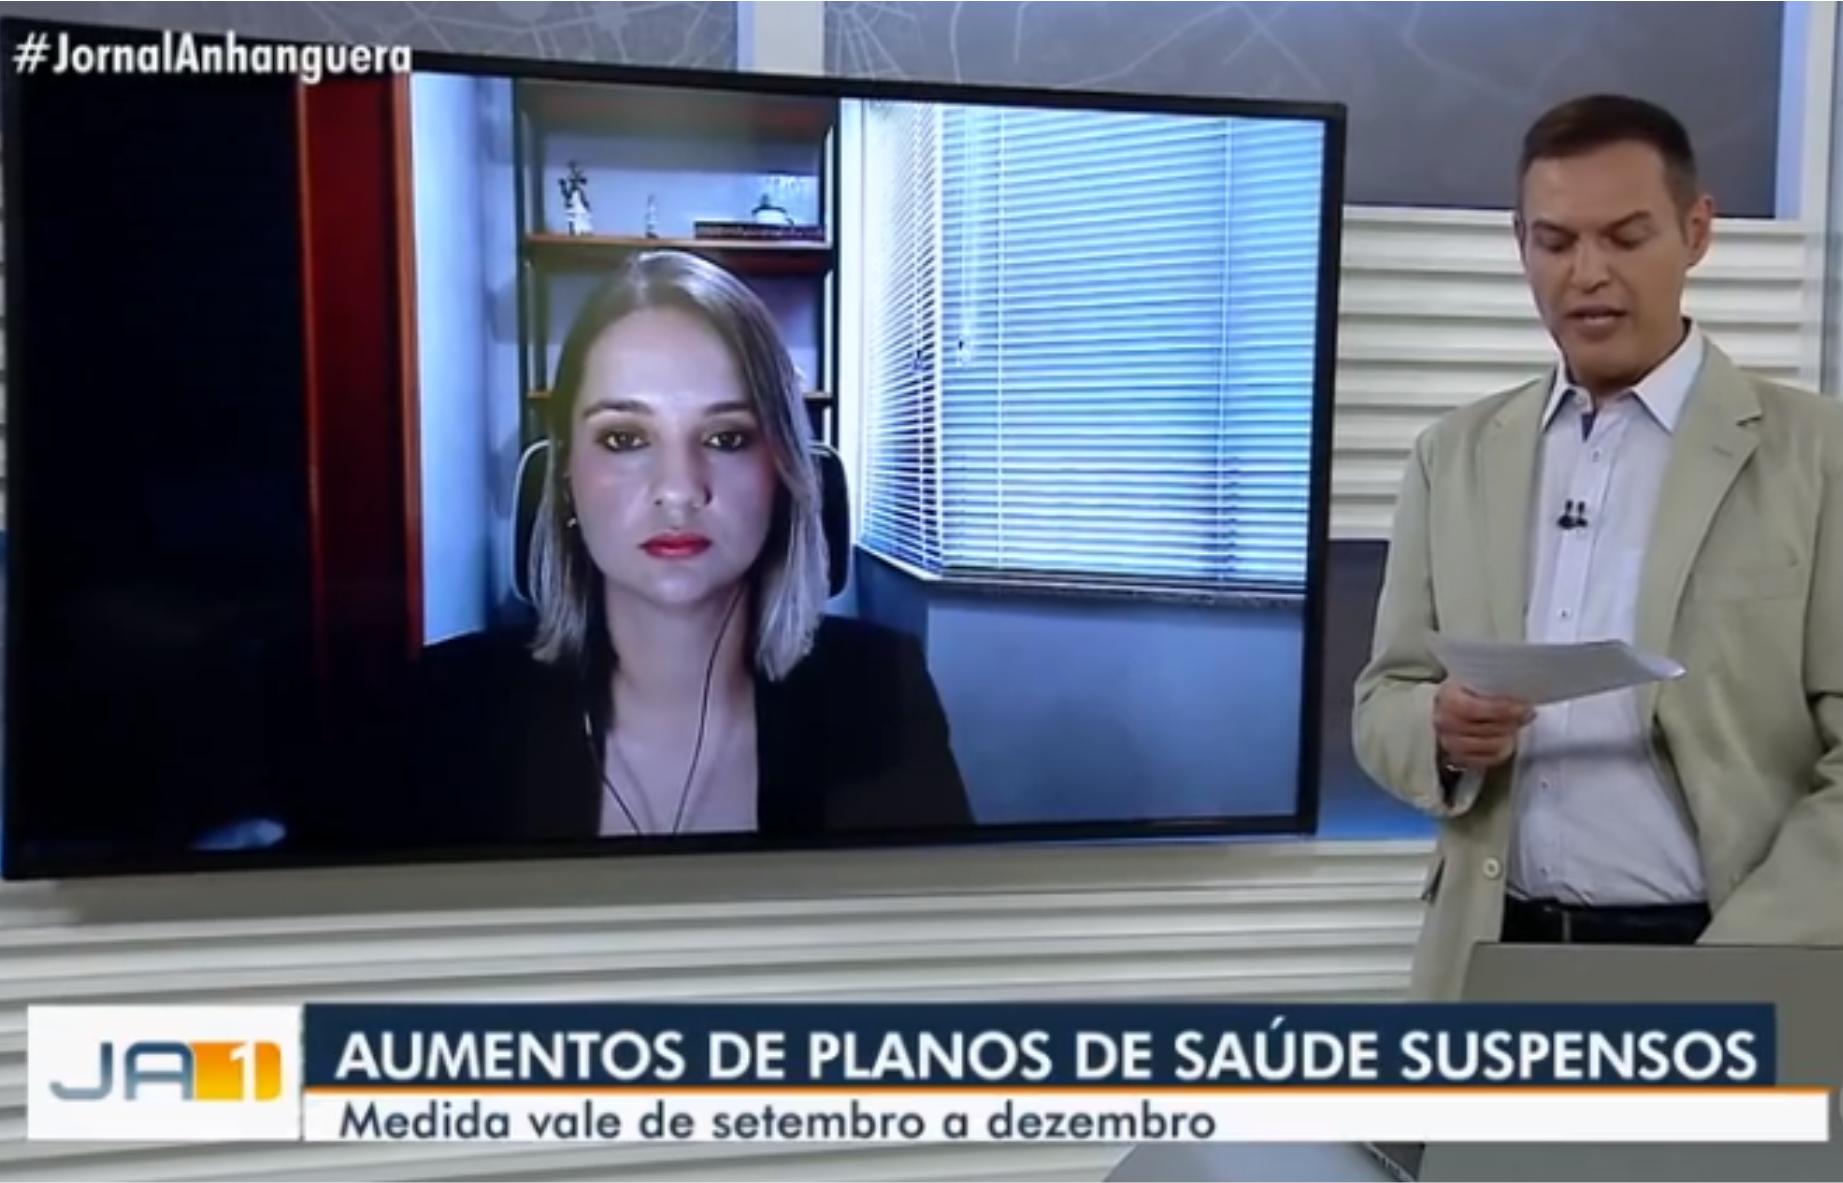 Entrevista Nycolle Soares. Tv Anhanguera. Suspensão nos aumentos dos planos de saúde.